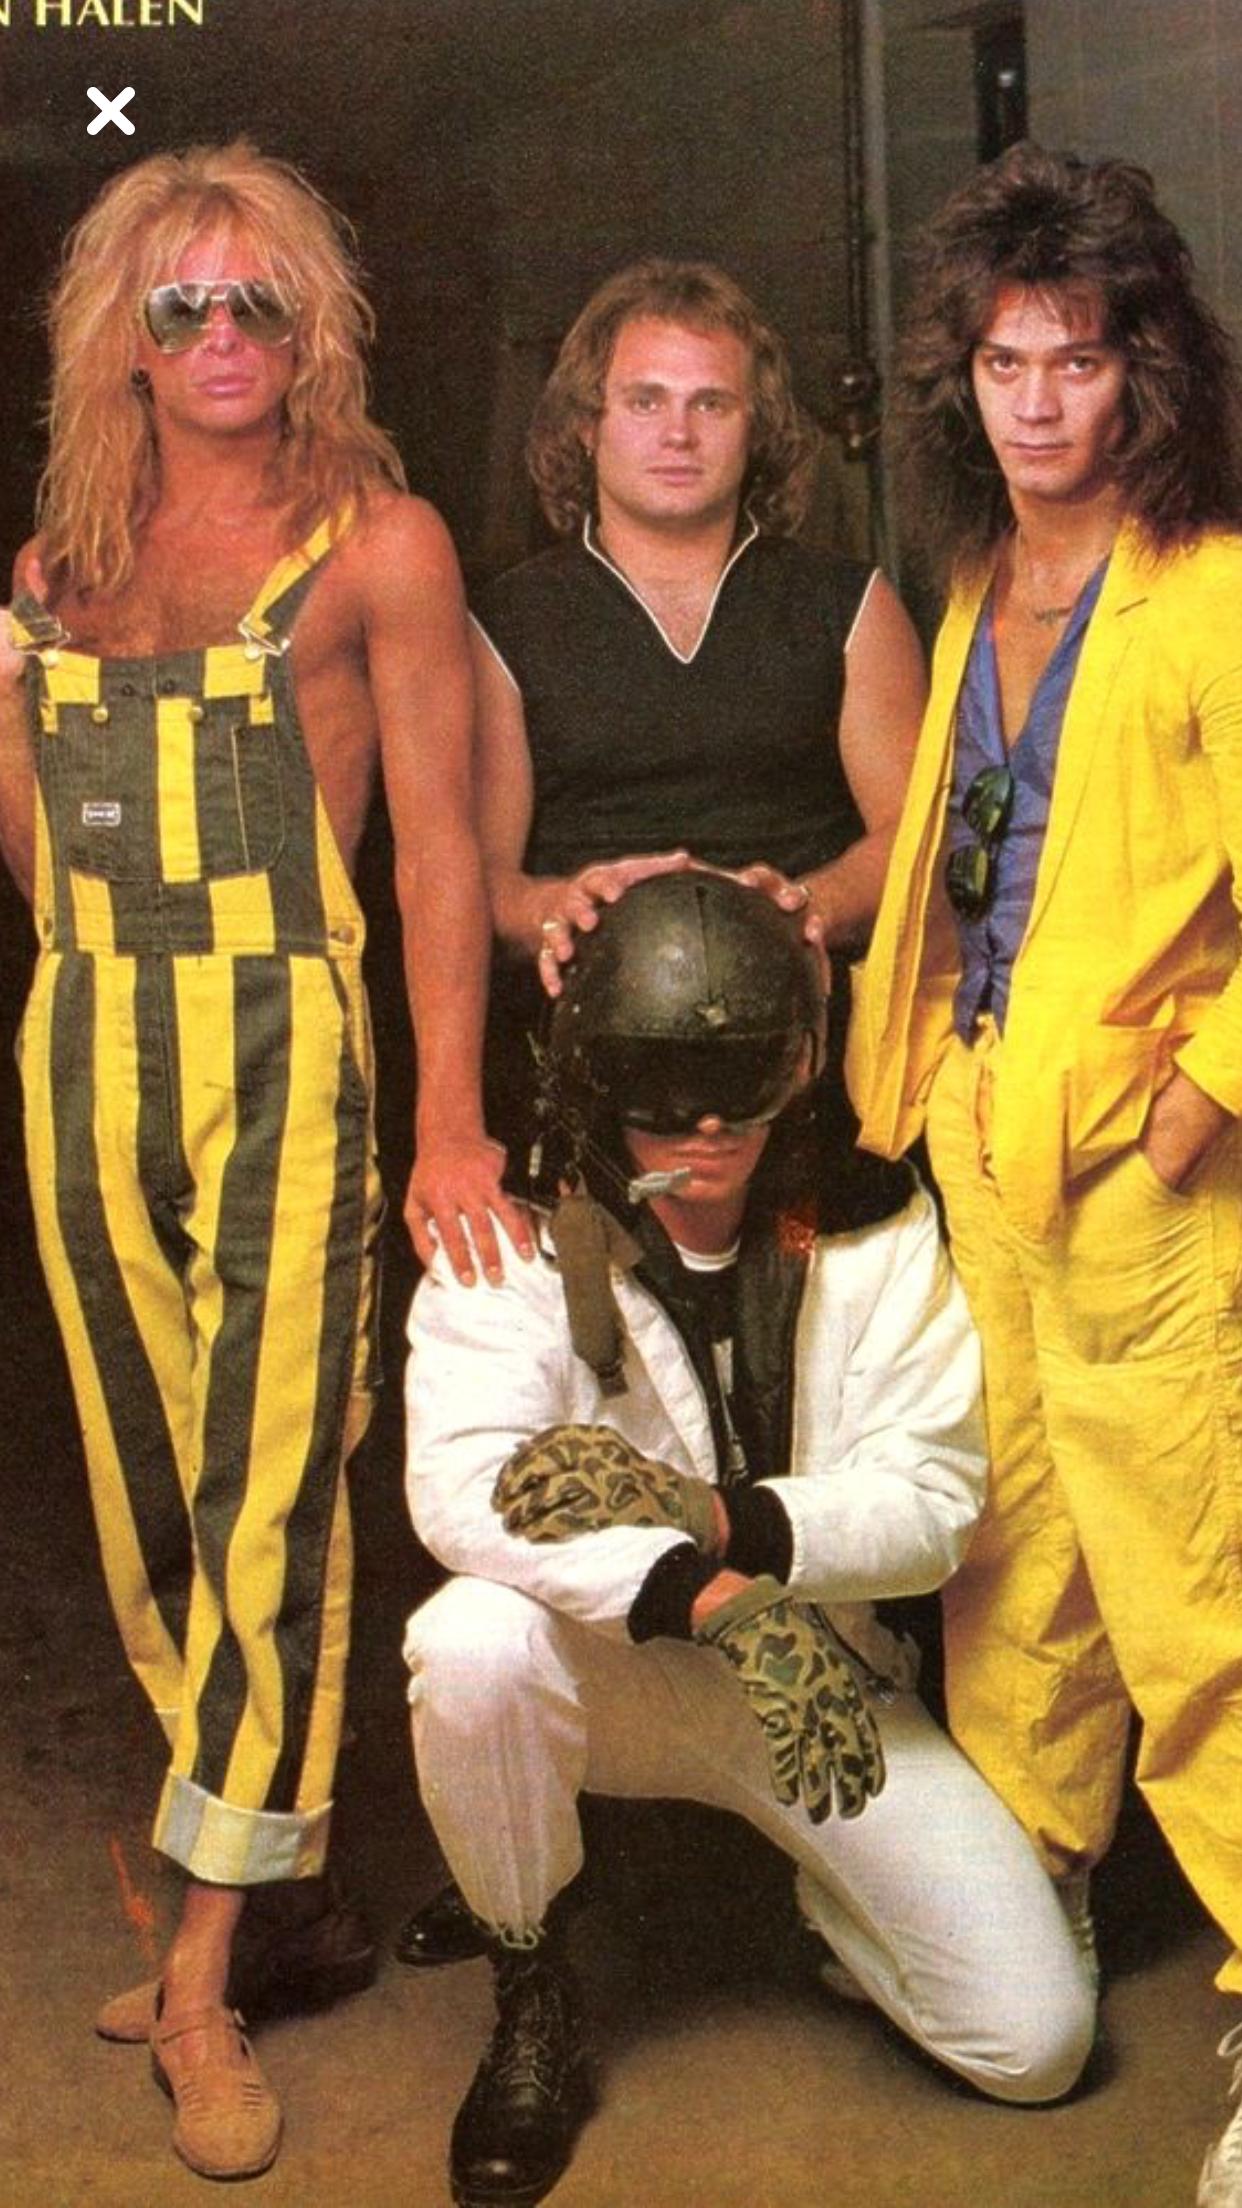 Pin By David Saucedo Jr On David Lee Roth Eddie Van Halen Van Halen Joey Tempest